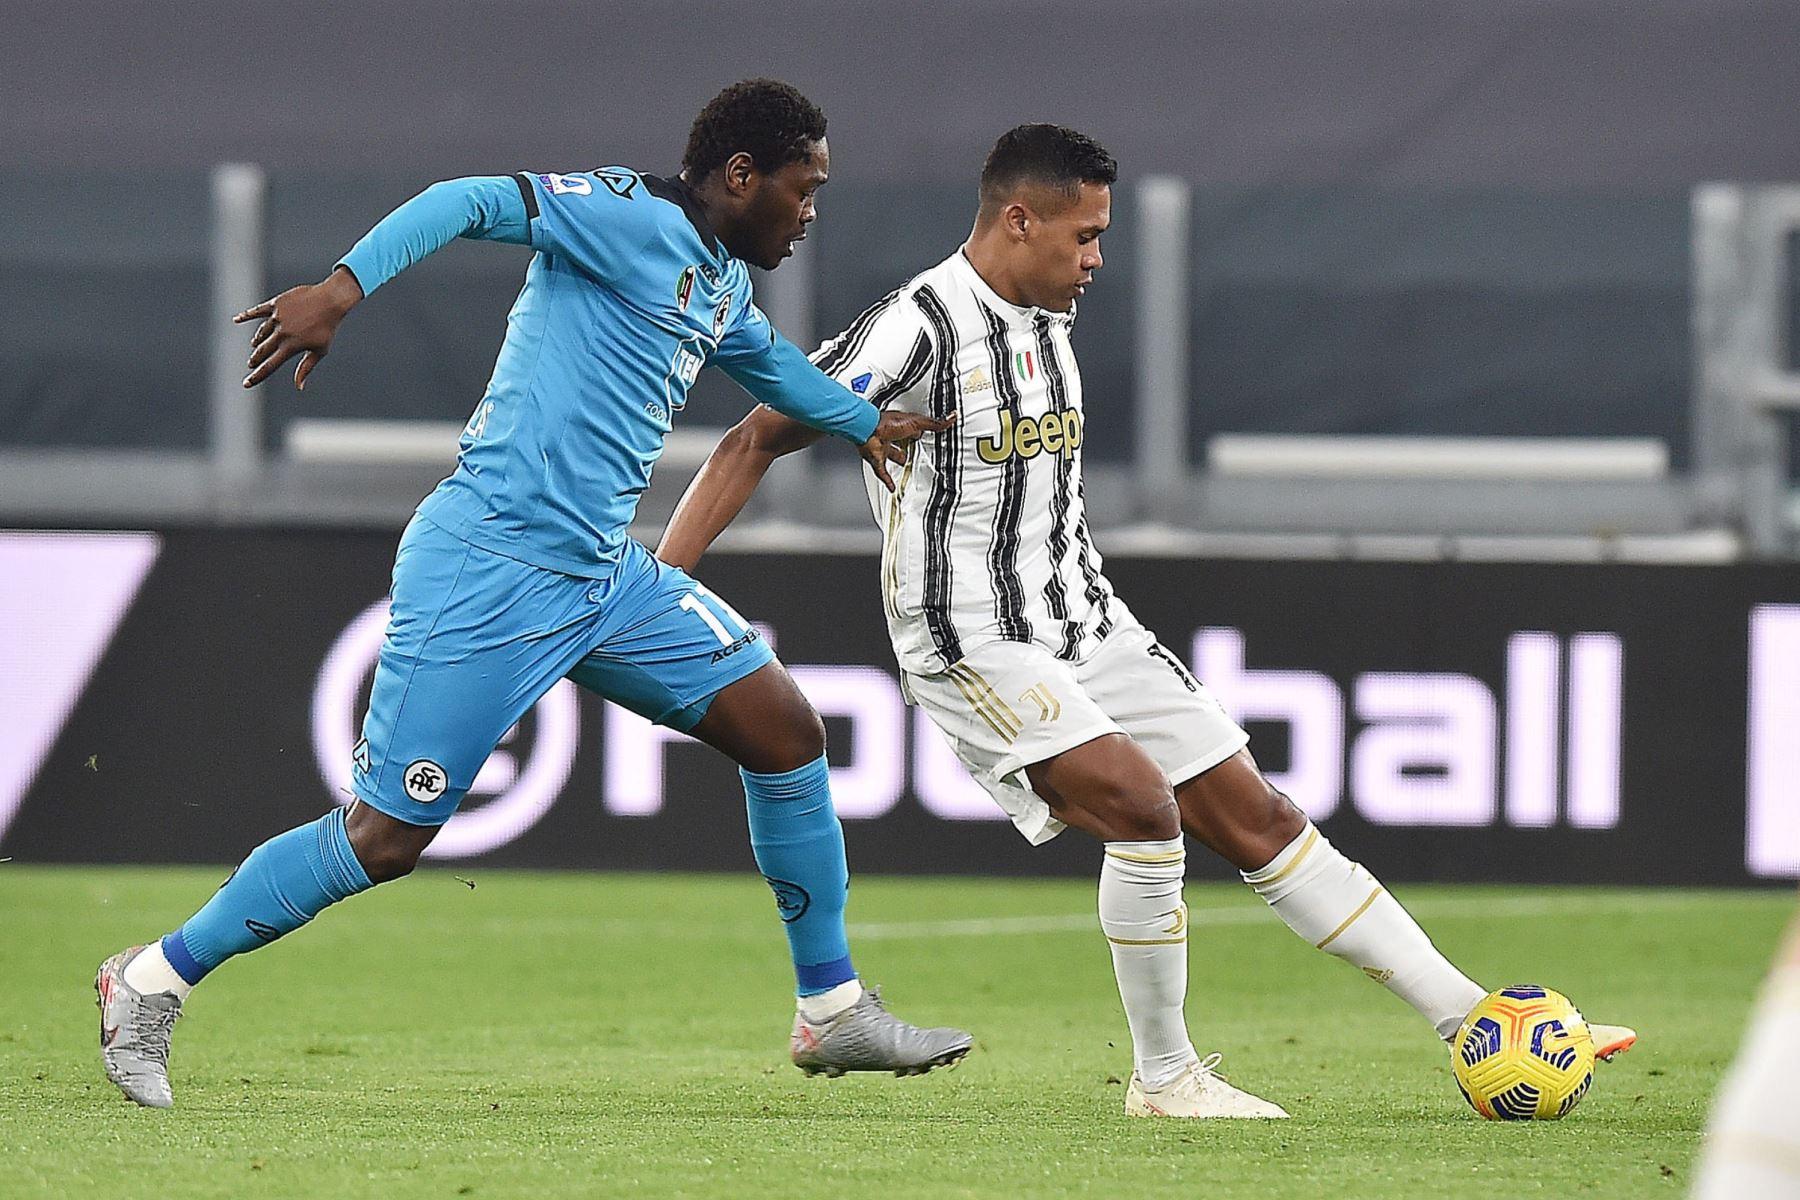 Alex Sandro del Juventus y Emmanuel Giasy del Spezia en acción durante el partido de fútbol de la Serie A italiana. Foto: EFE